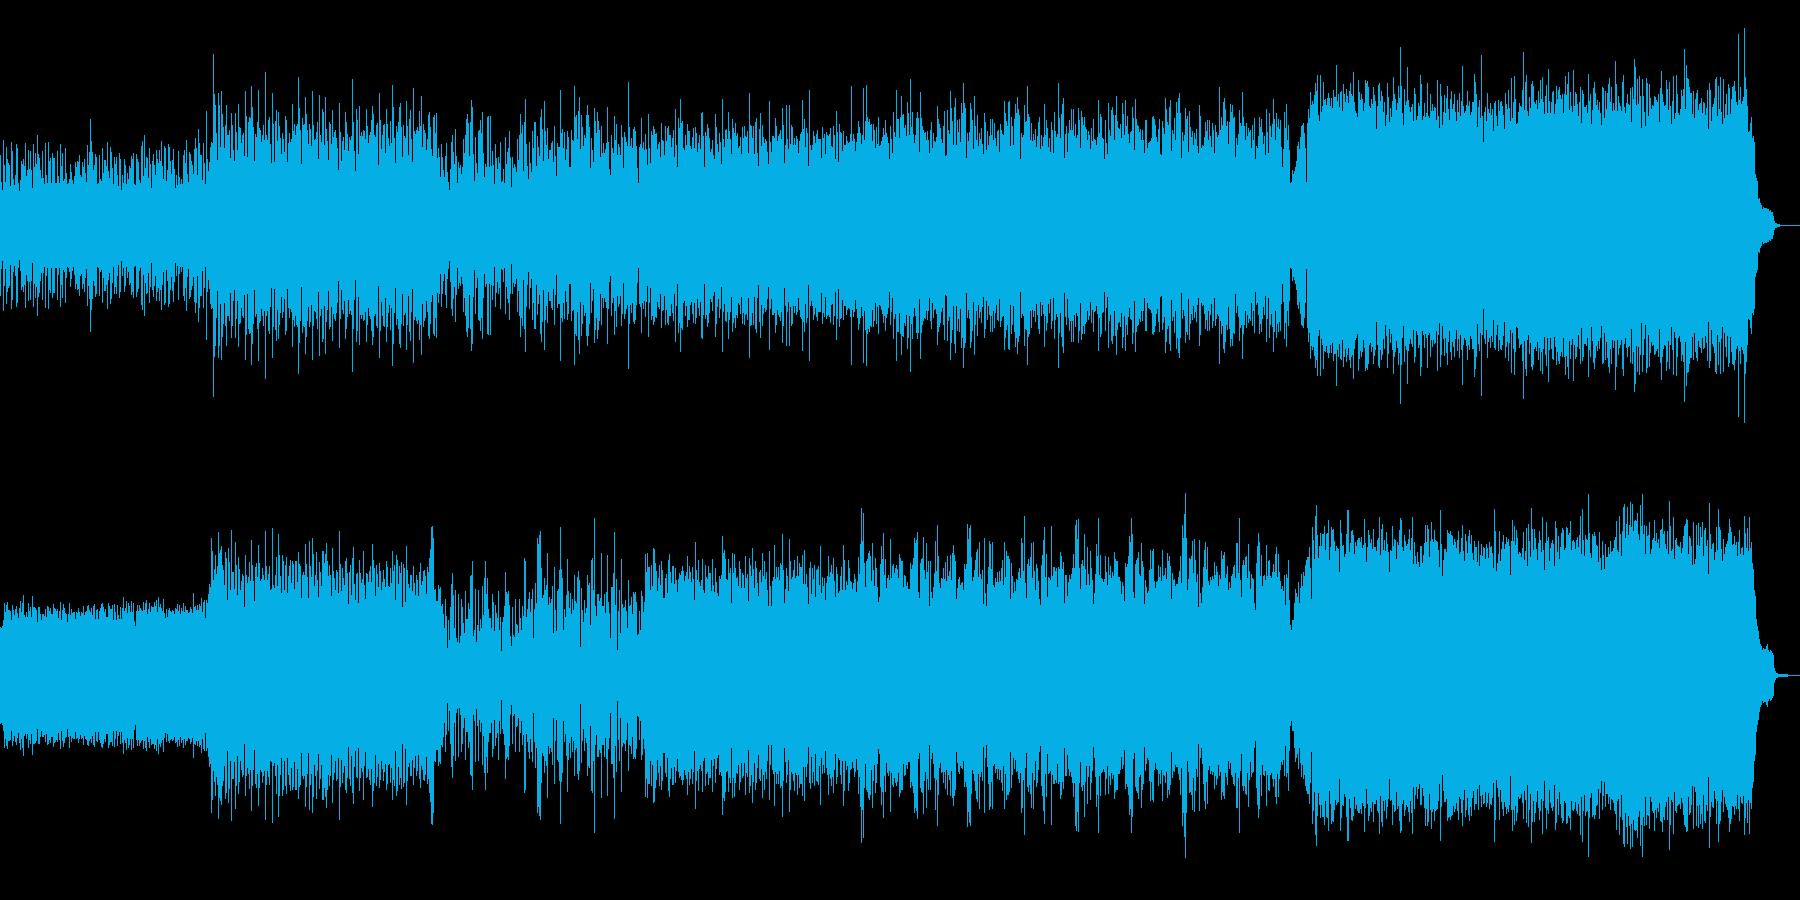 突き抜ける疾走感のあるインストの再生済みの波形